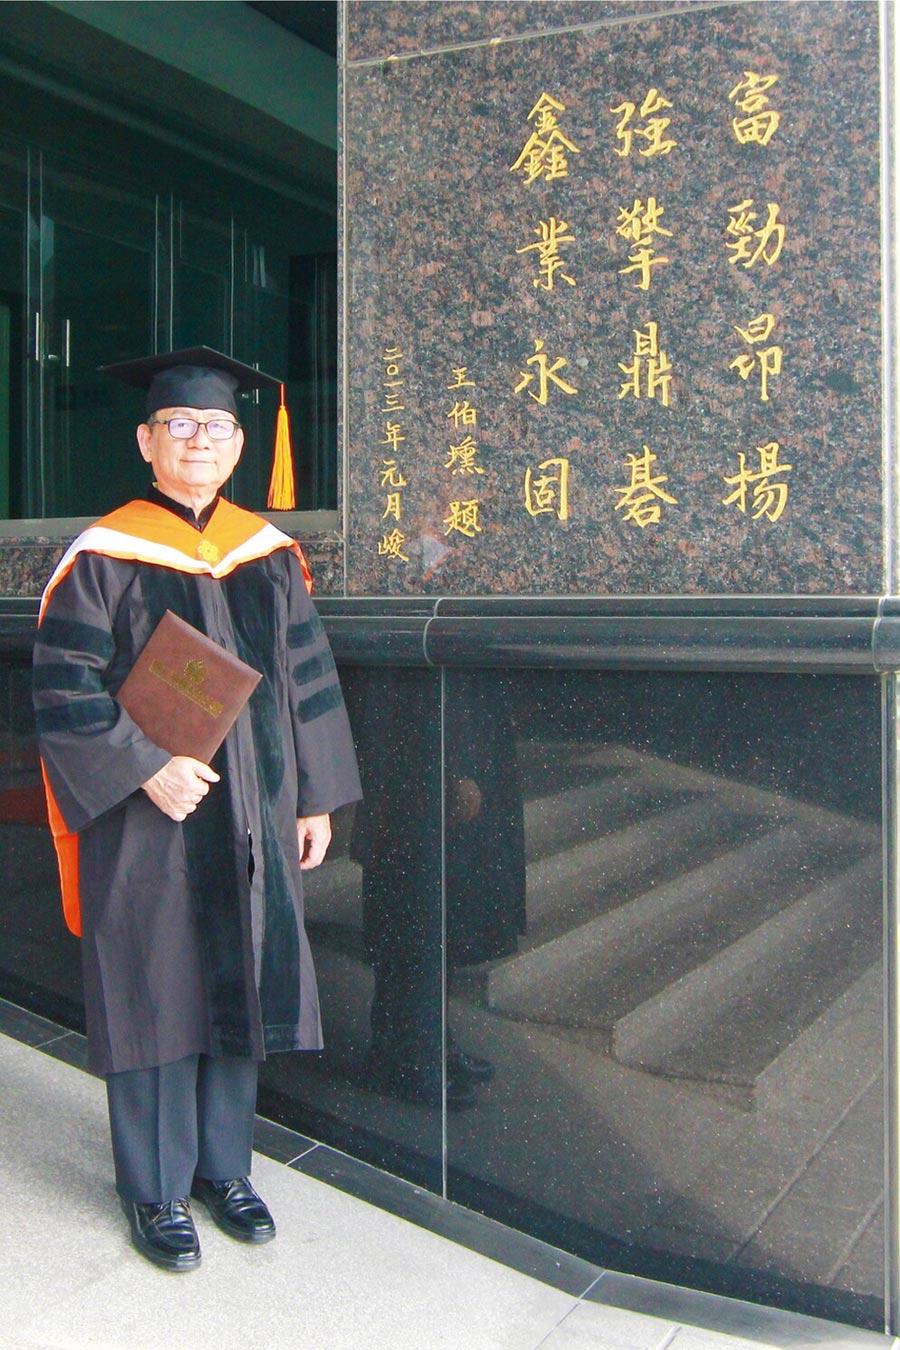 總裁王伯壎取得國立高雄科技大學進修工業工程與管理學程博士學位。圖/周榮發